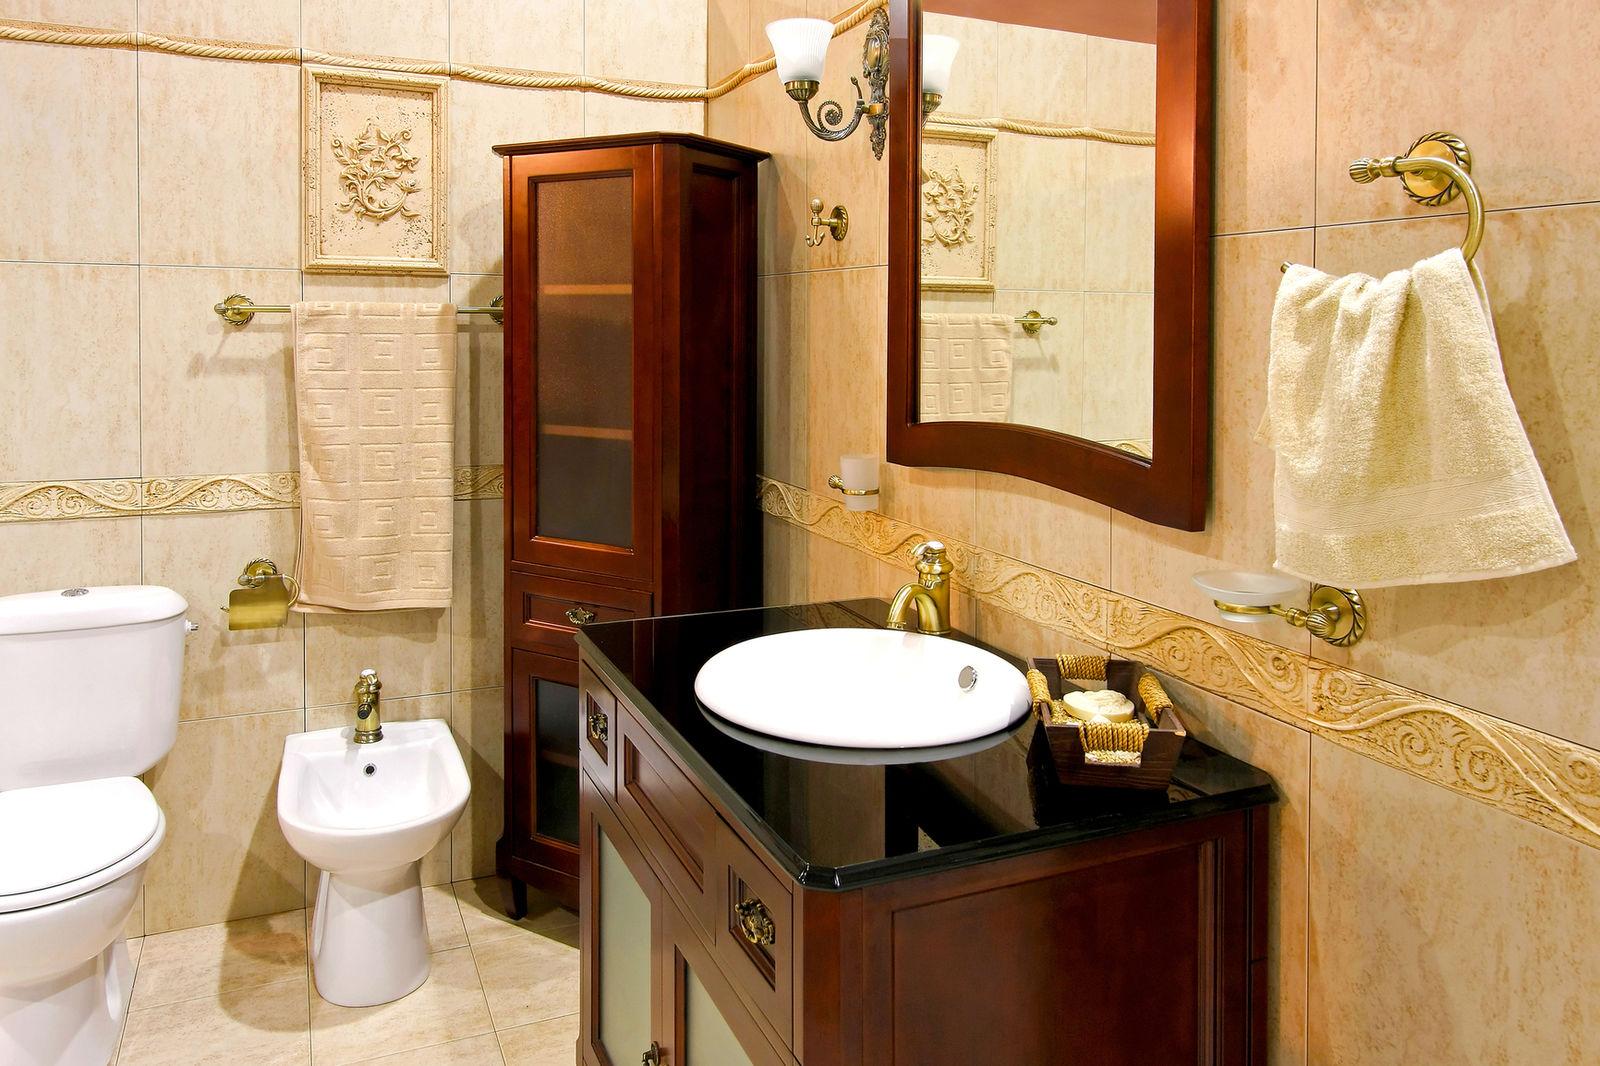 Держатели для полотенец в ванной комнате очень удобны и функциональны